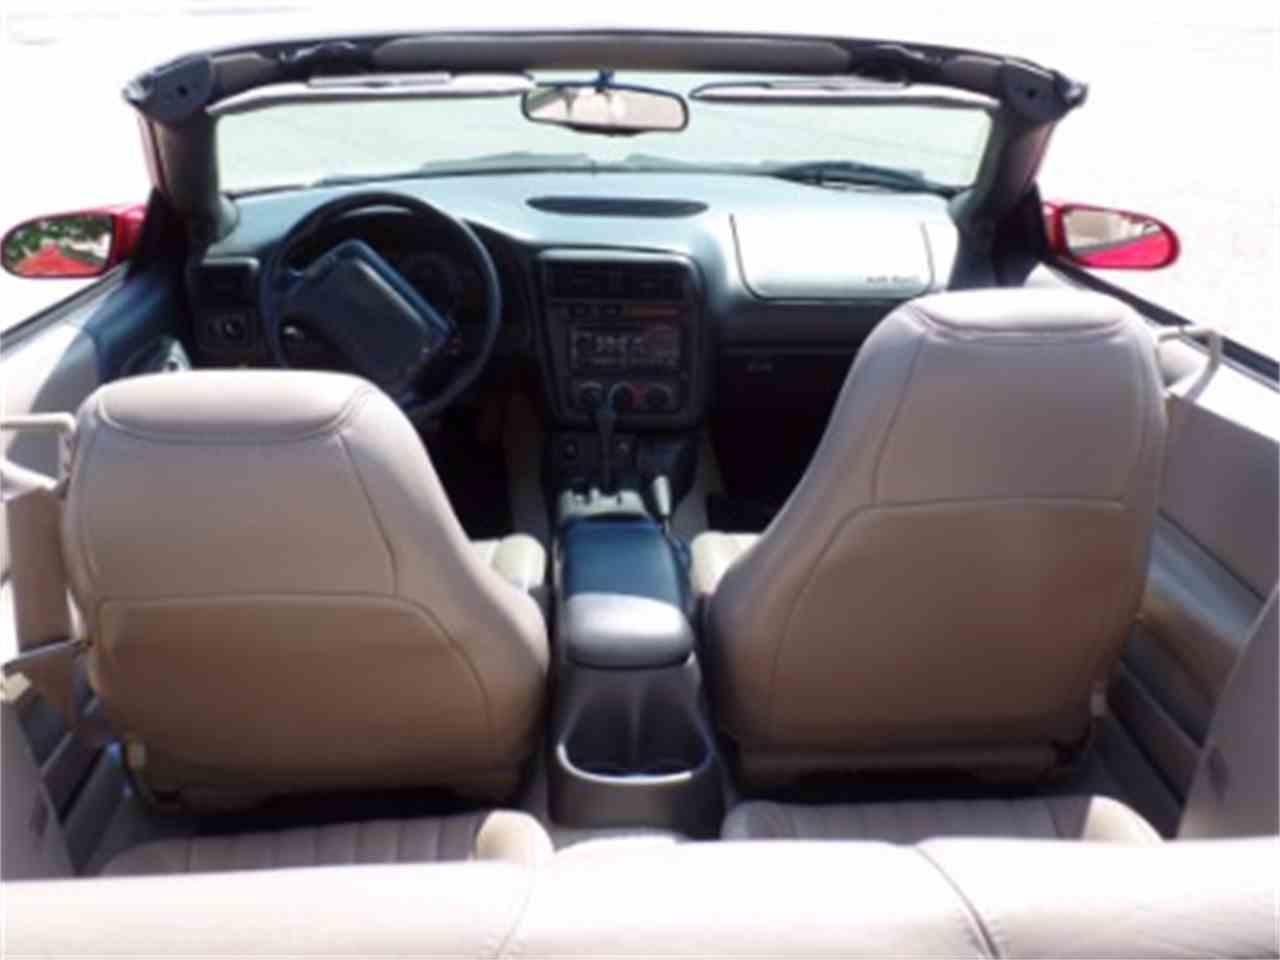 1997 Chevrolet Camaro for Sale | ClassicCars.com | CC-1018175